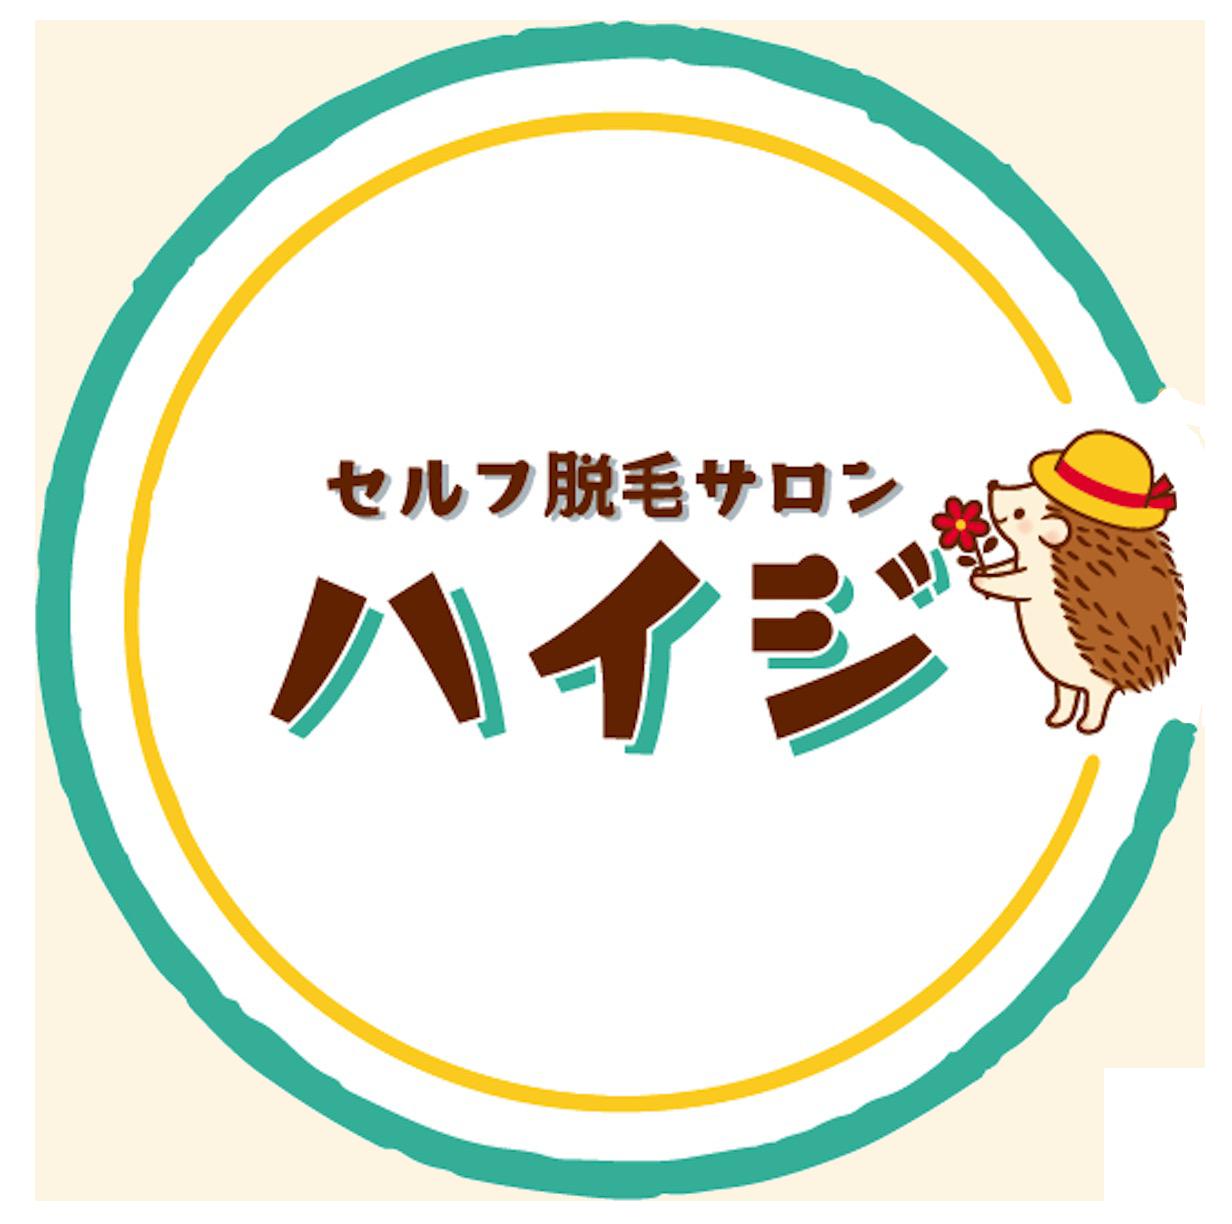 セルフ脱毛サロン ハイジ新宿本店の予約カレンダー